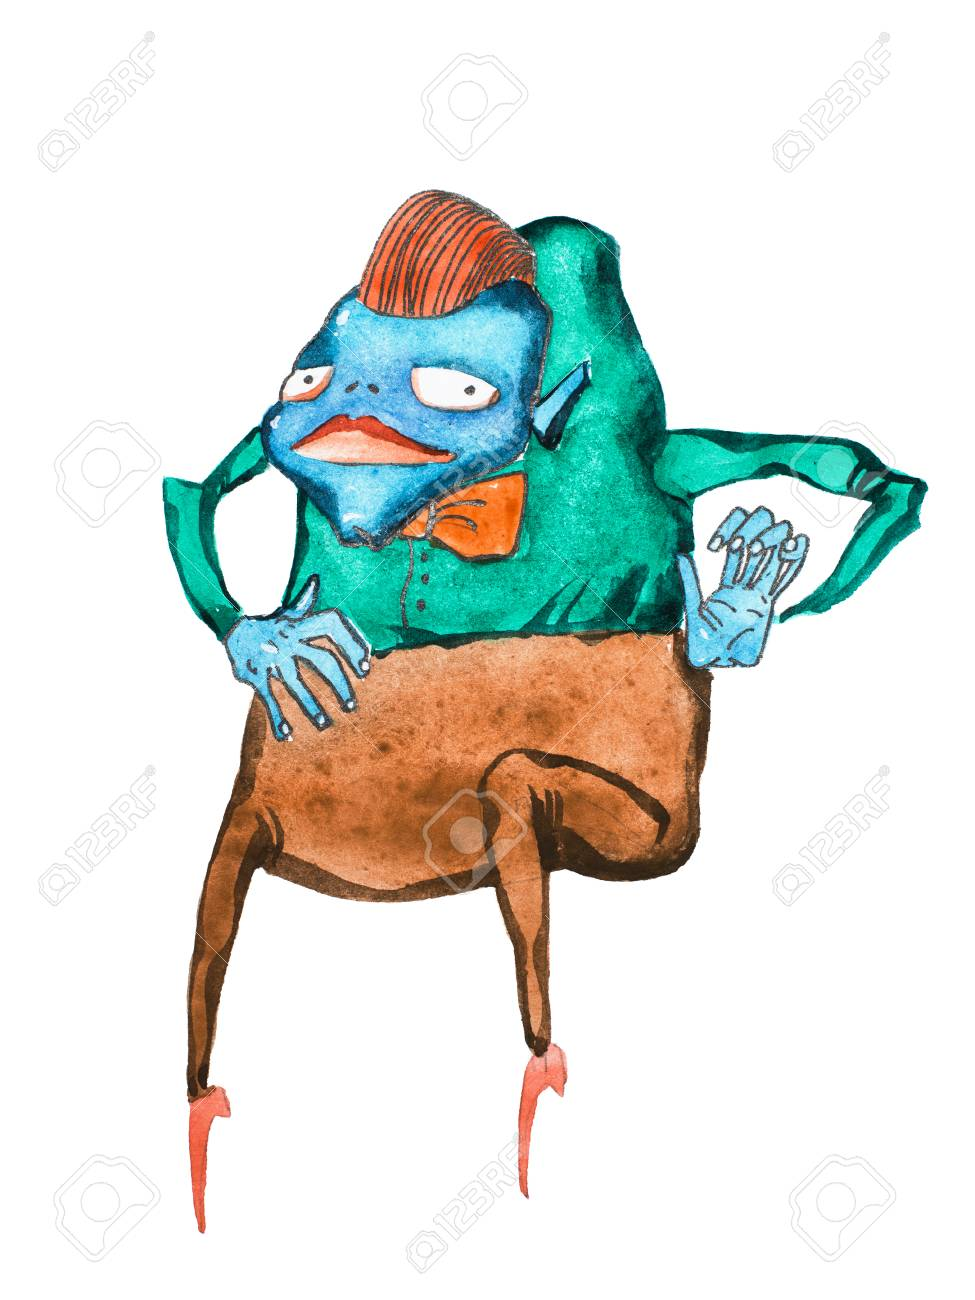 Illustration Aquarelle De Monstre De Dessin Animé à Bosse Bleu Vêtu D Une Chemise D Un Noeud Papillon Et D Un Pantalon